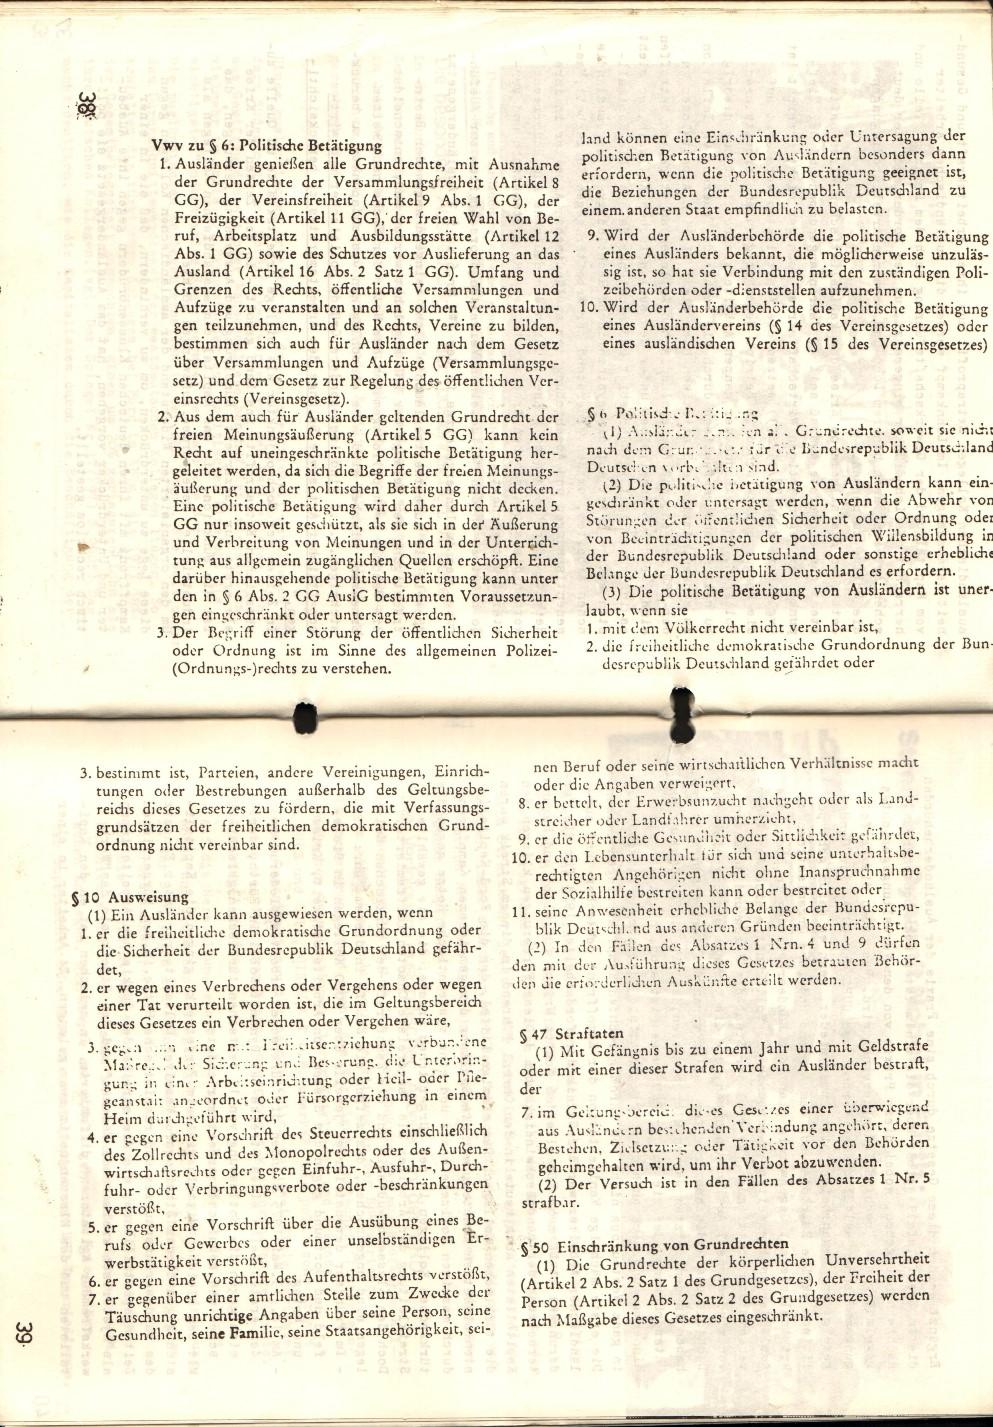 NRW_Rote_Hilfe_1975_Sofortige_Freilassung_der_tuerkischen_Patrioten_21